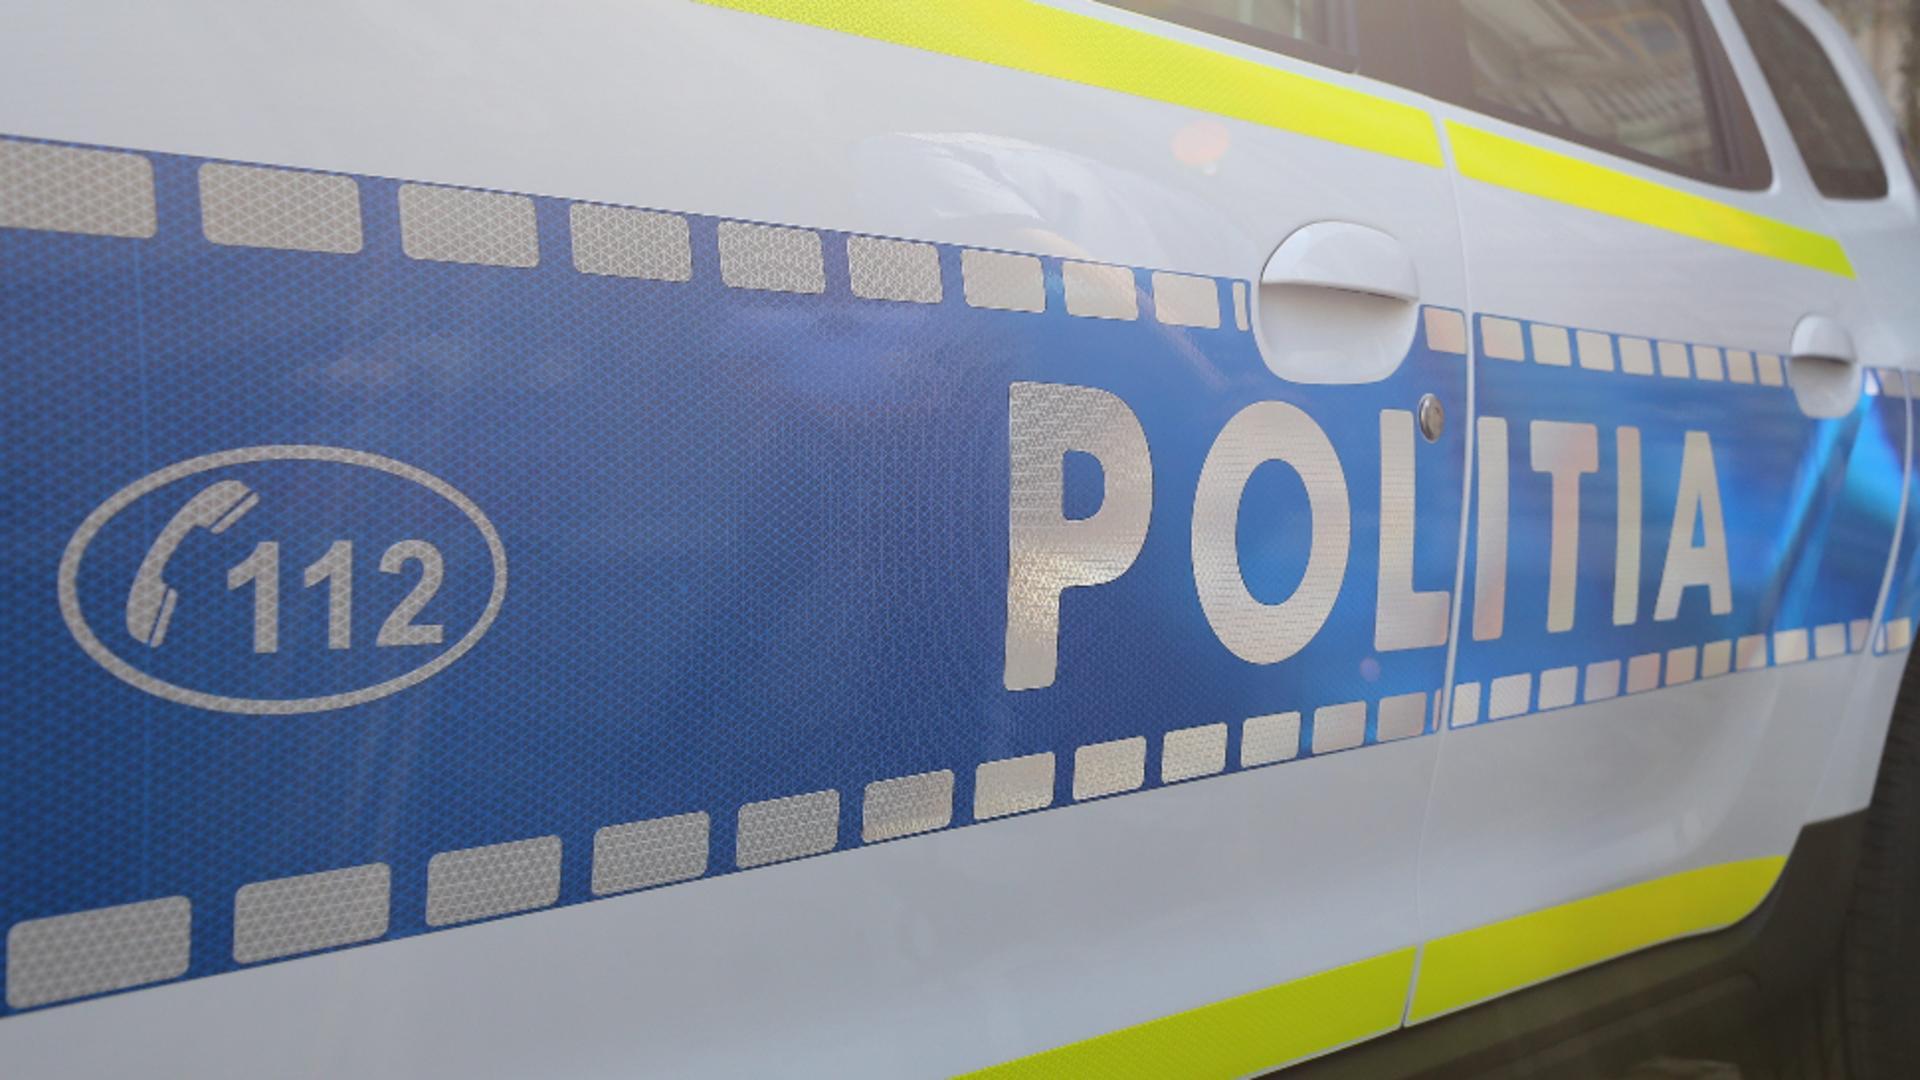 Tânărul lovit de polițist a ajuns la spital pentru îngrijiri medicale / Foto: Inquam Photos